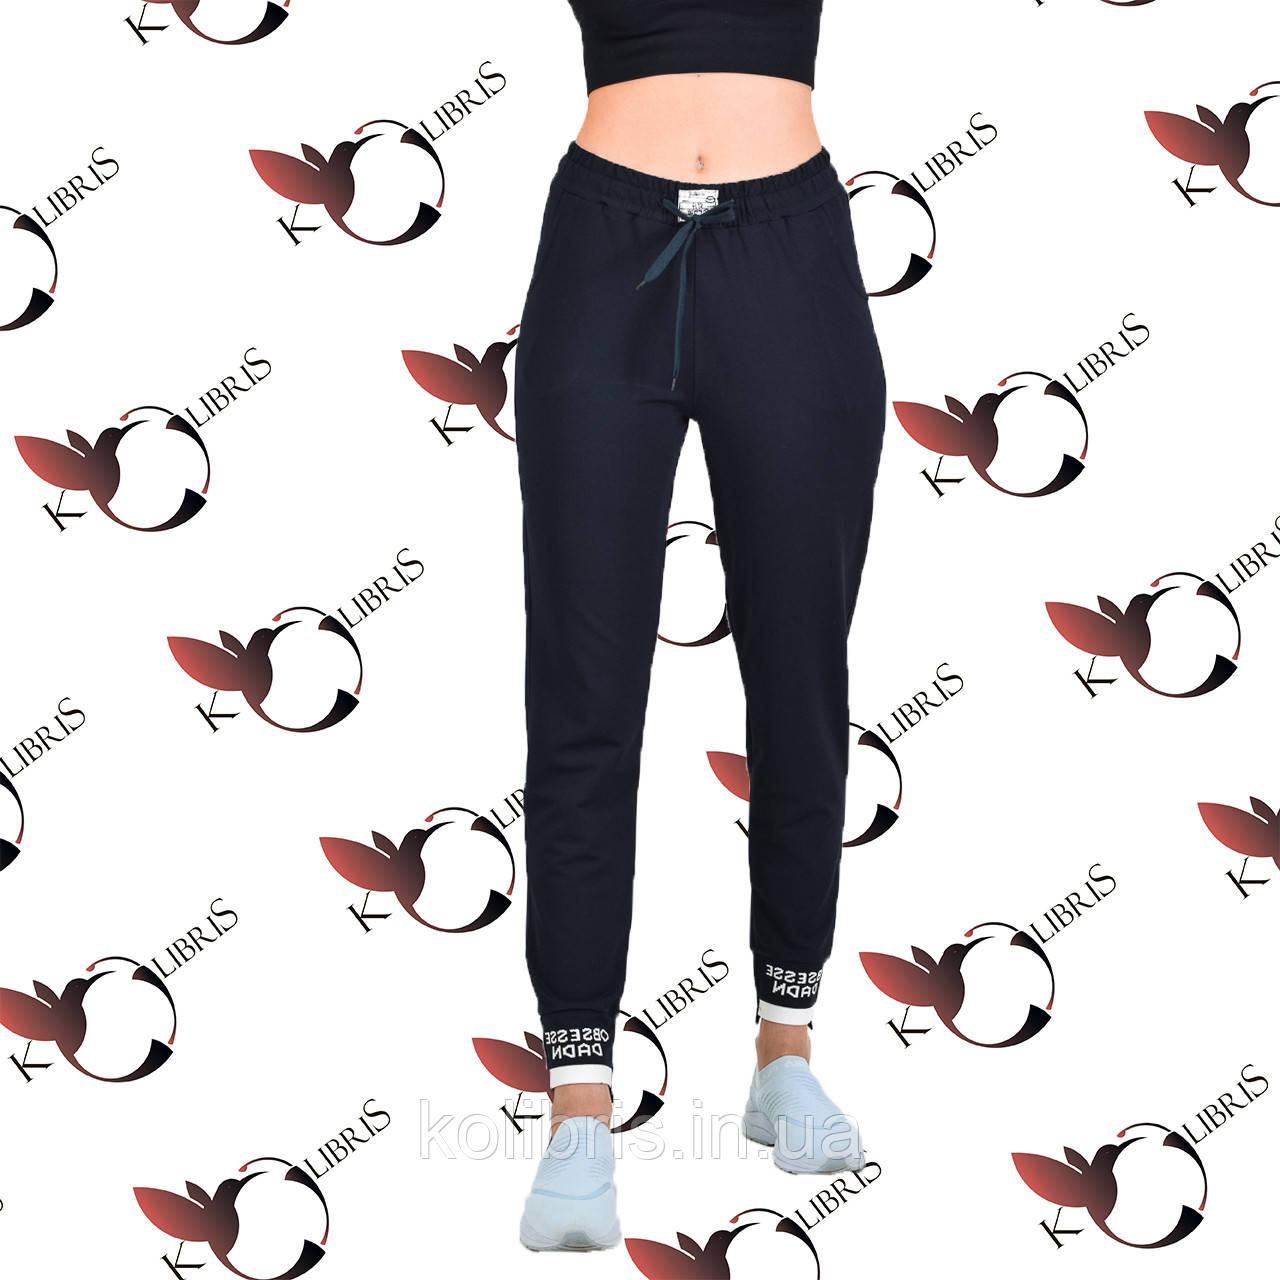 Женские спортивные штанишки трикотаж темно-синего цвета